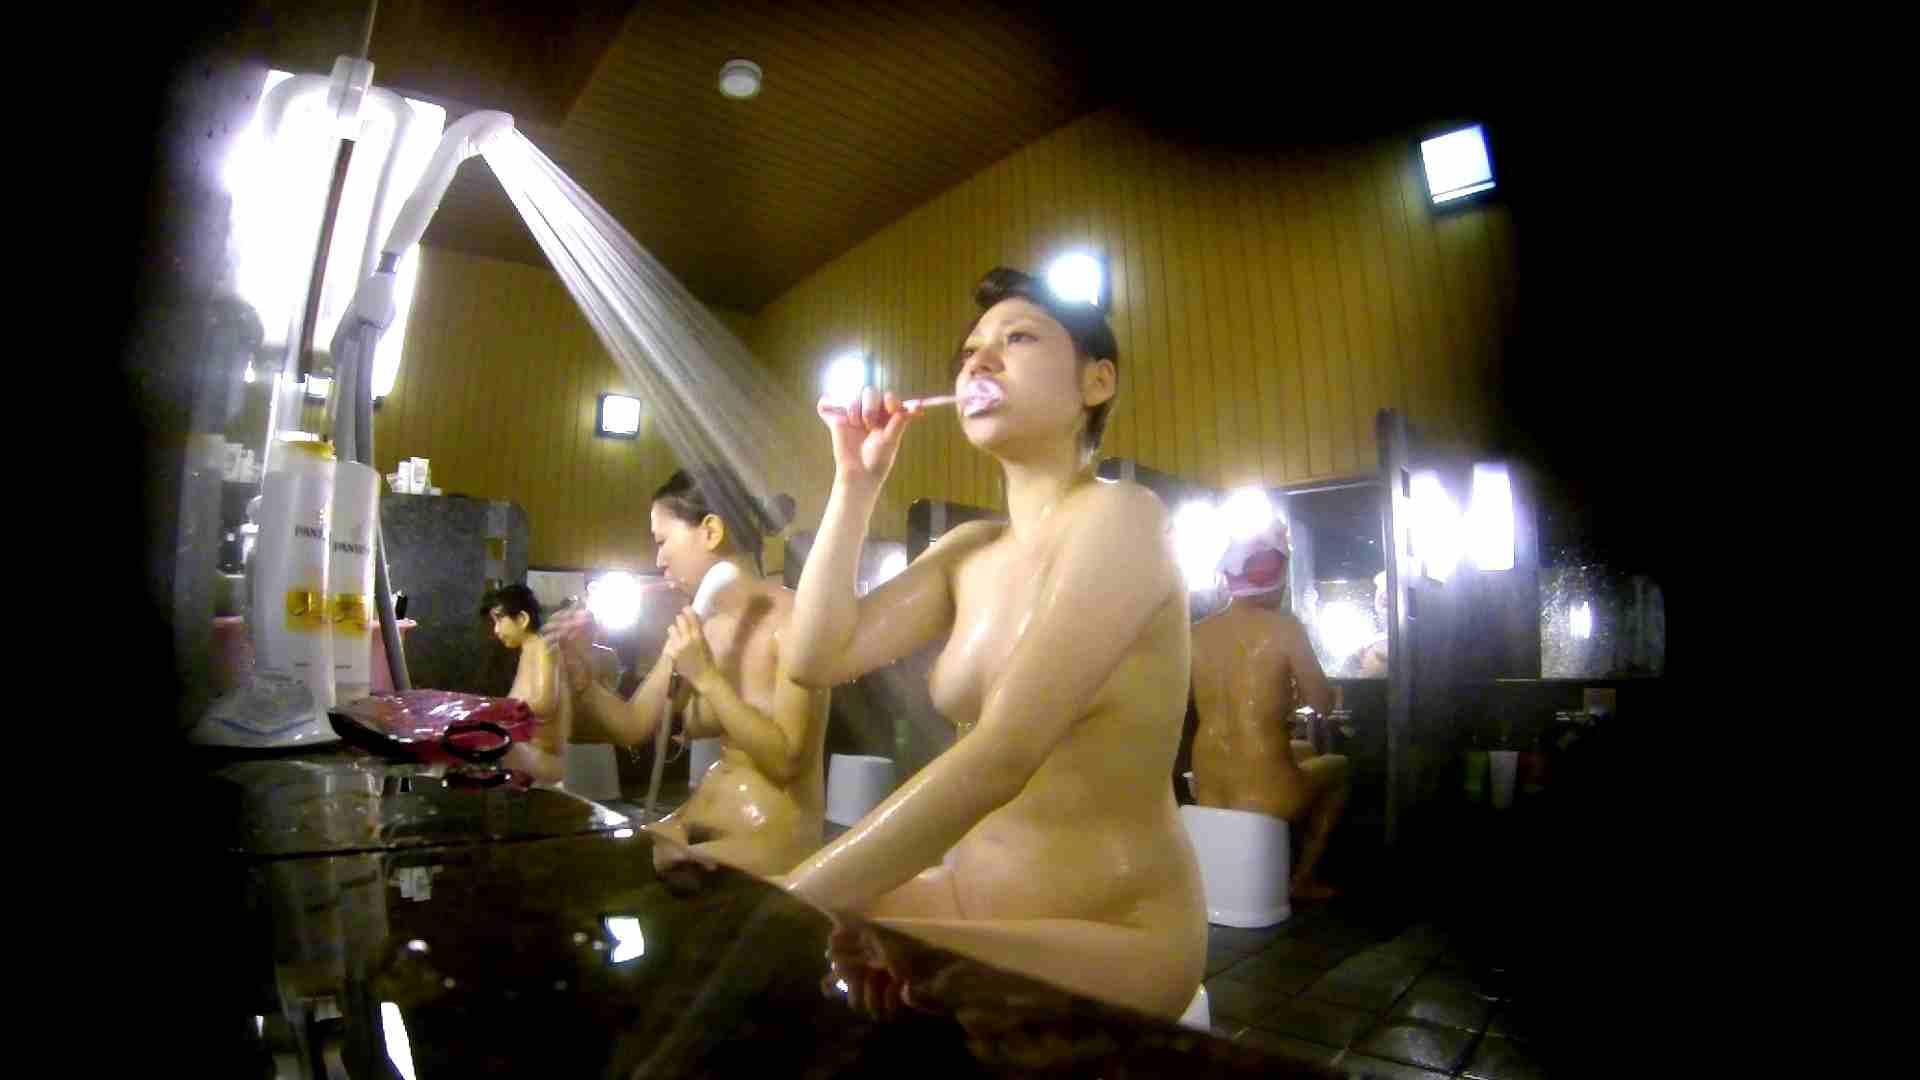 洗い場!柔らかそうな身体は良いけど、歯磨きが下品です。 銭湯特撮  39連発 14